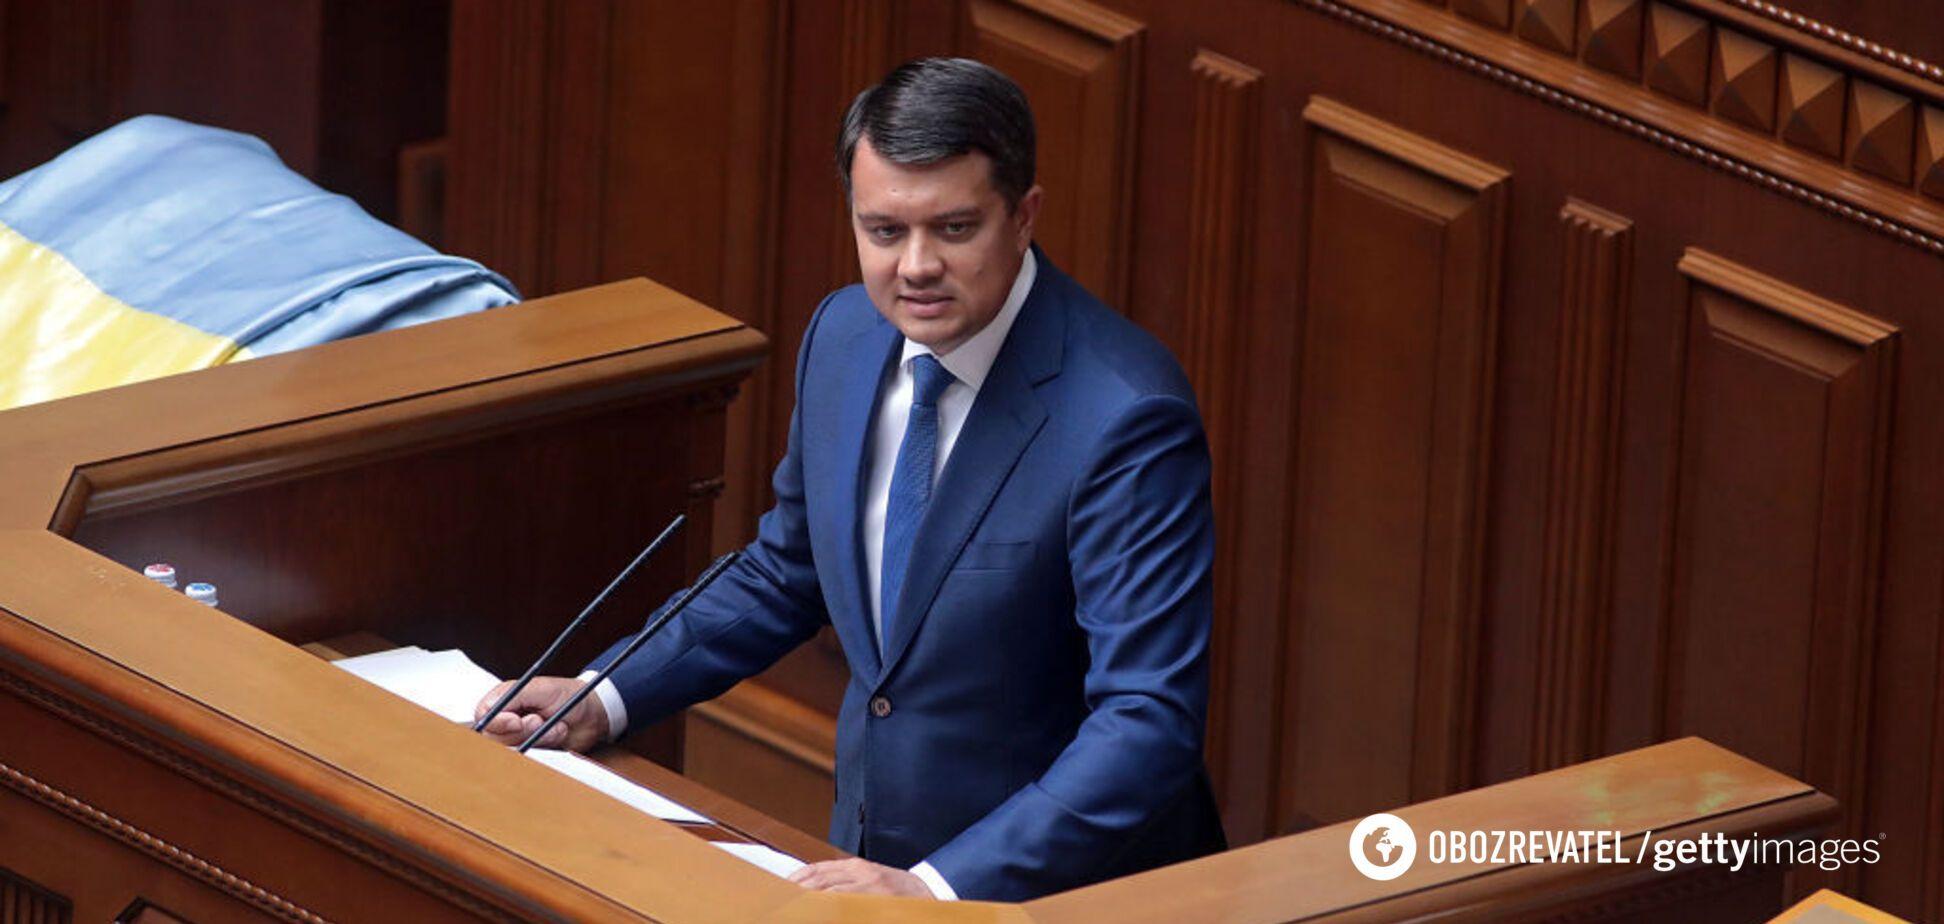 'Слуги народу' відмовилися від зустрічі з Разумковим: у партії дали пояснення